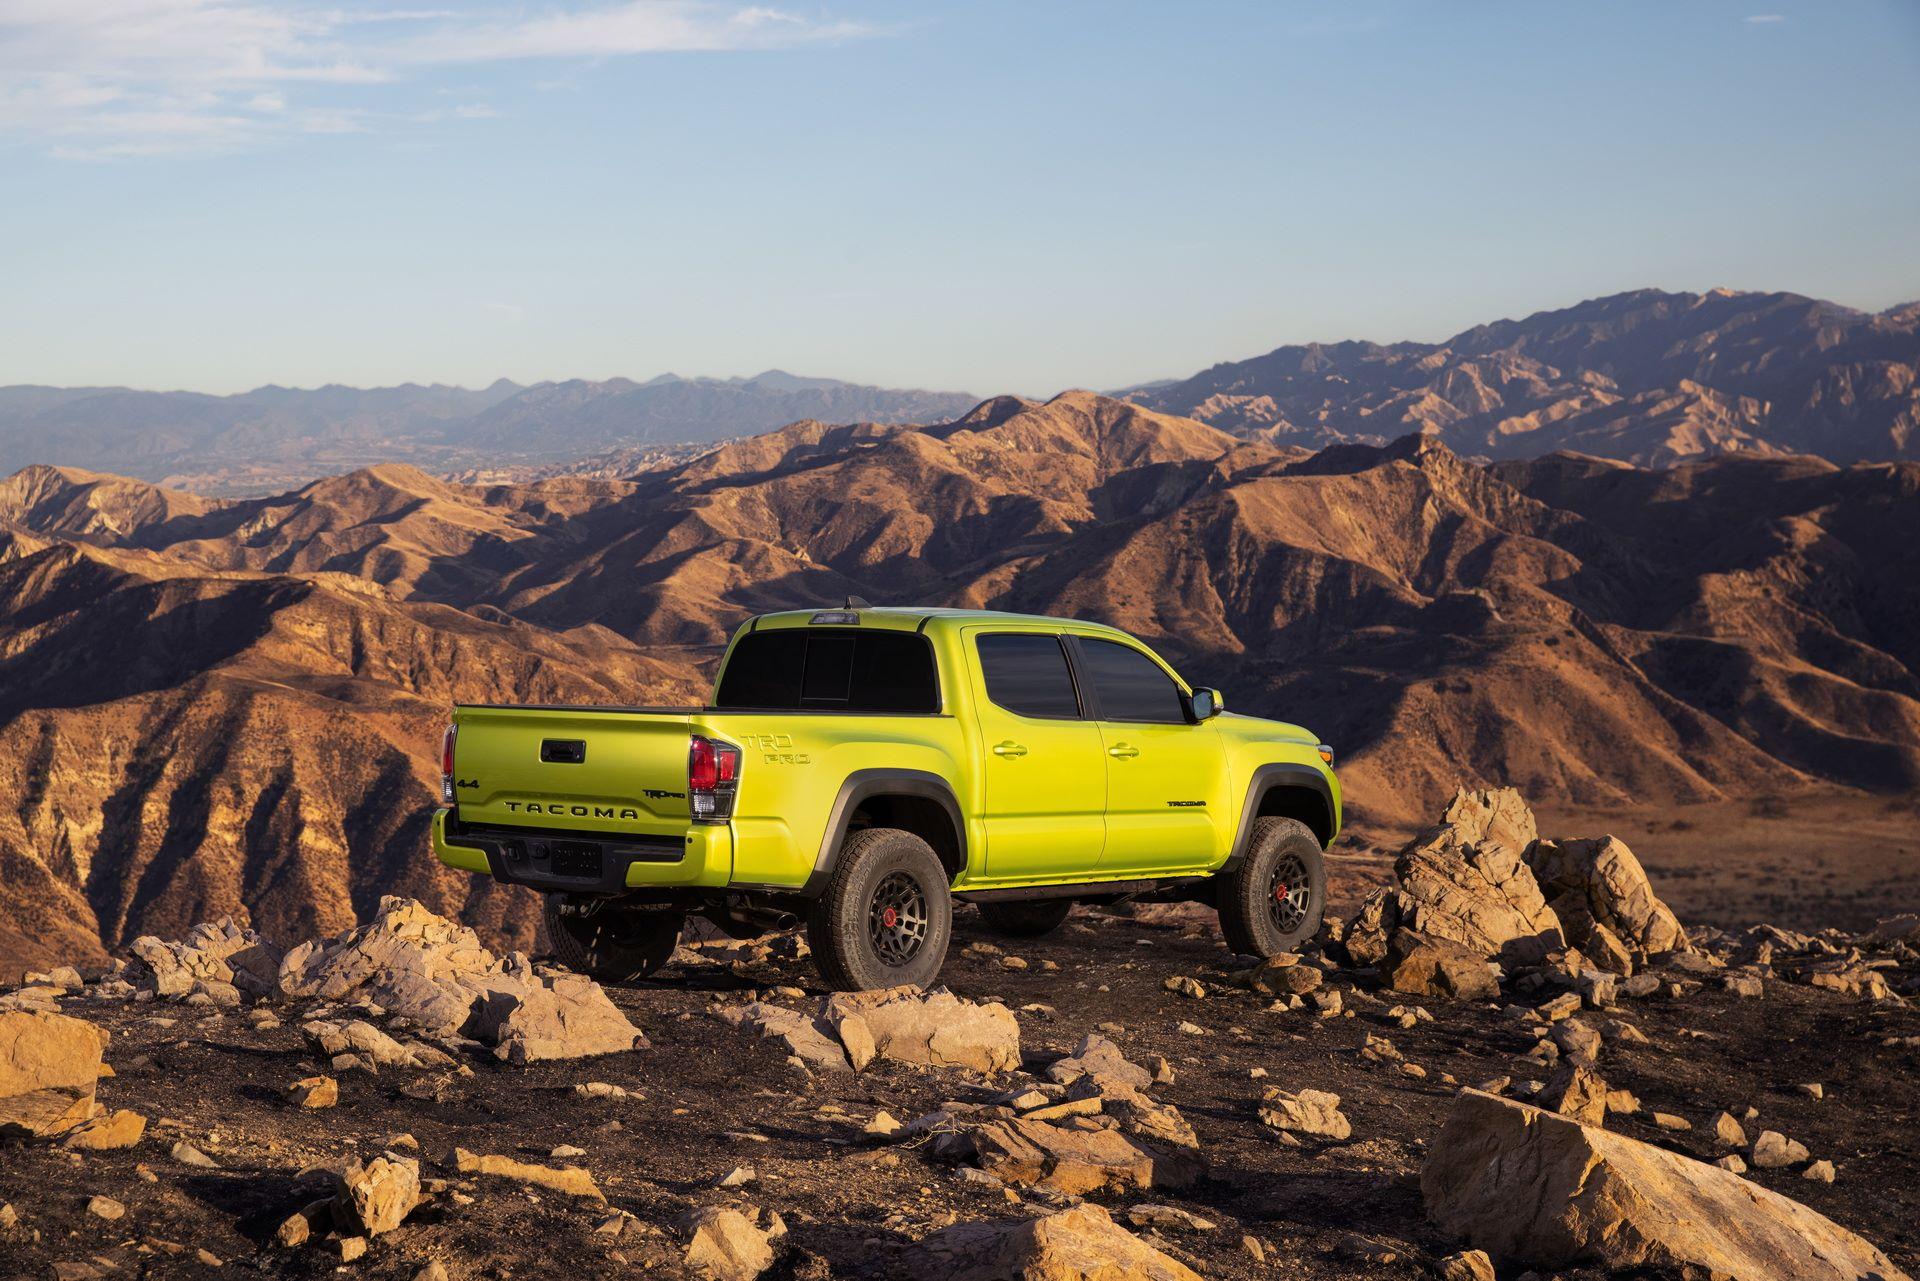 Toyota-Tacoma-TRD-Pro-and-Tacoma-Trail-Edition-11